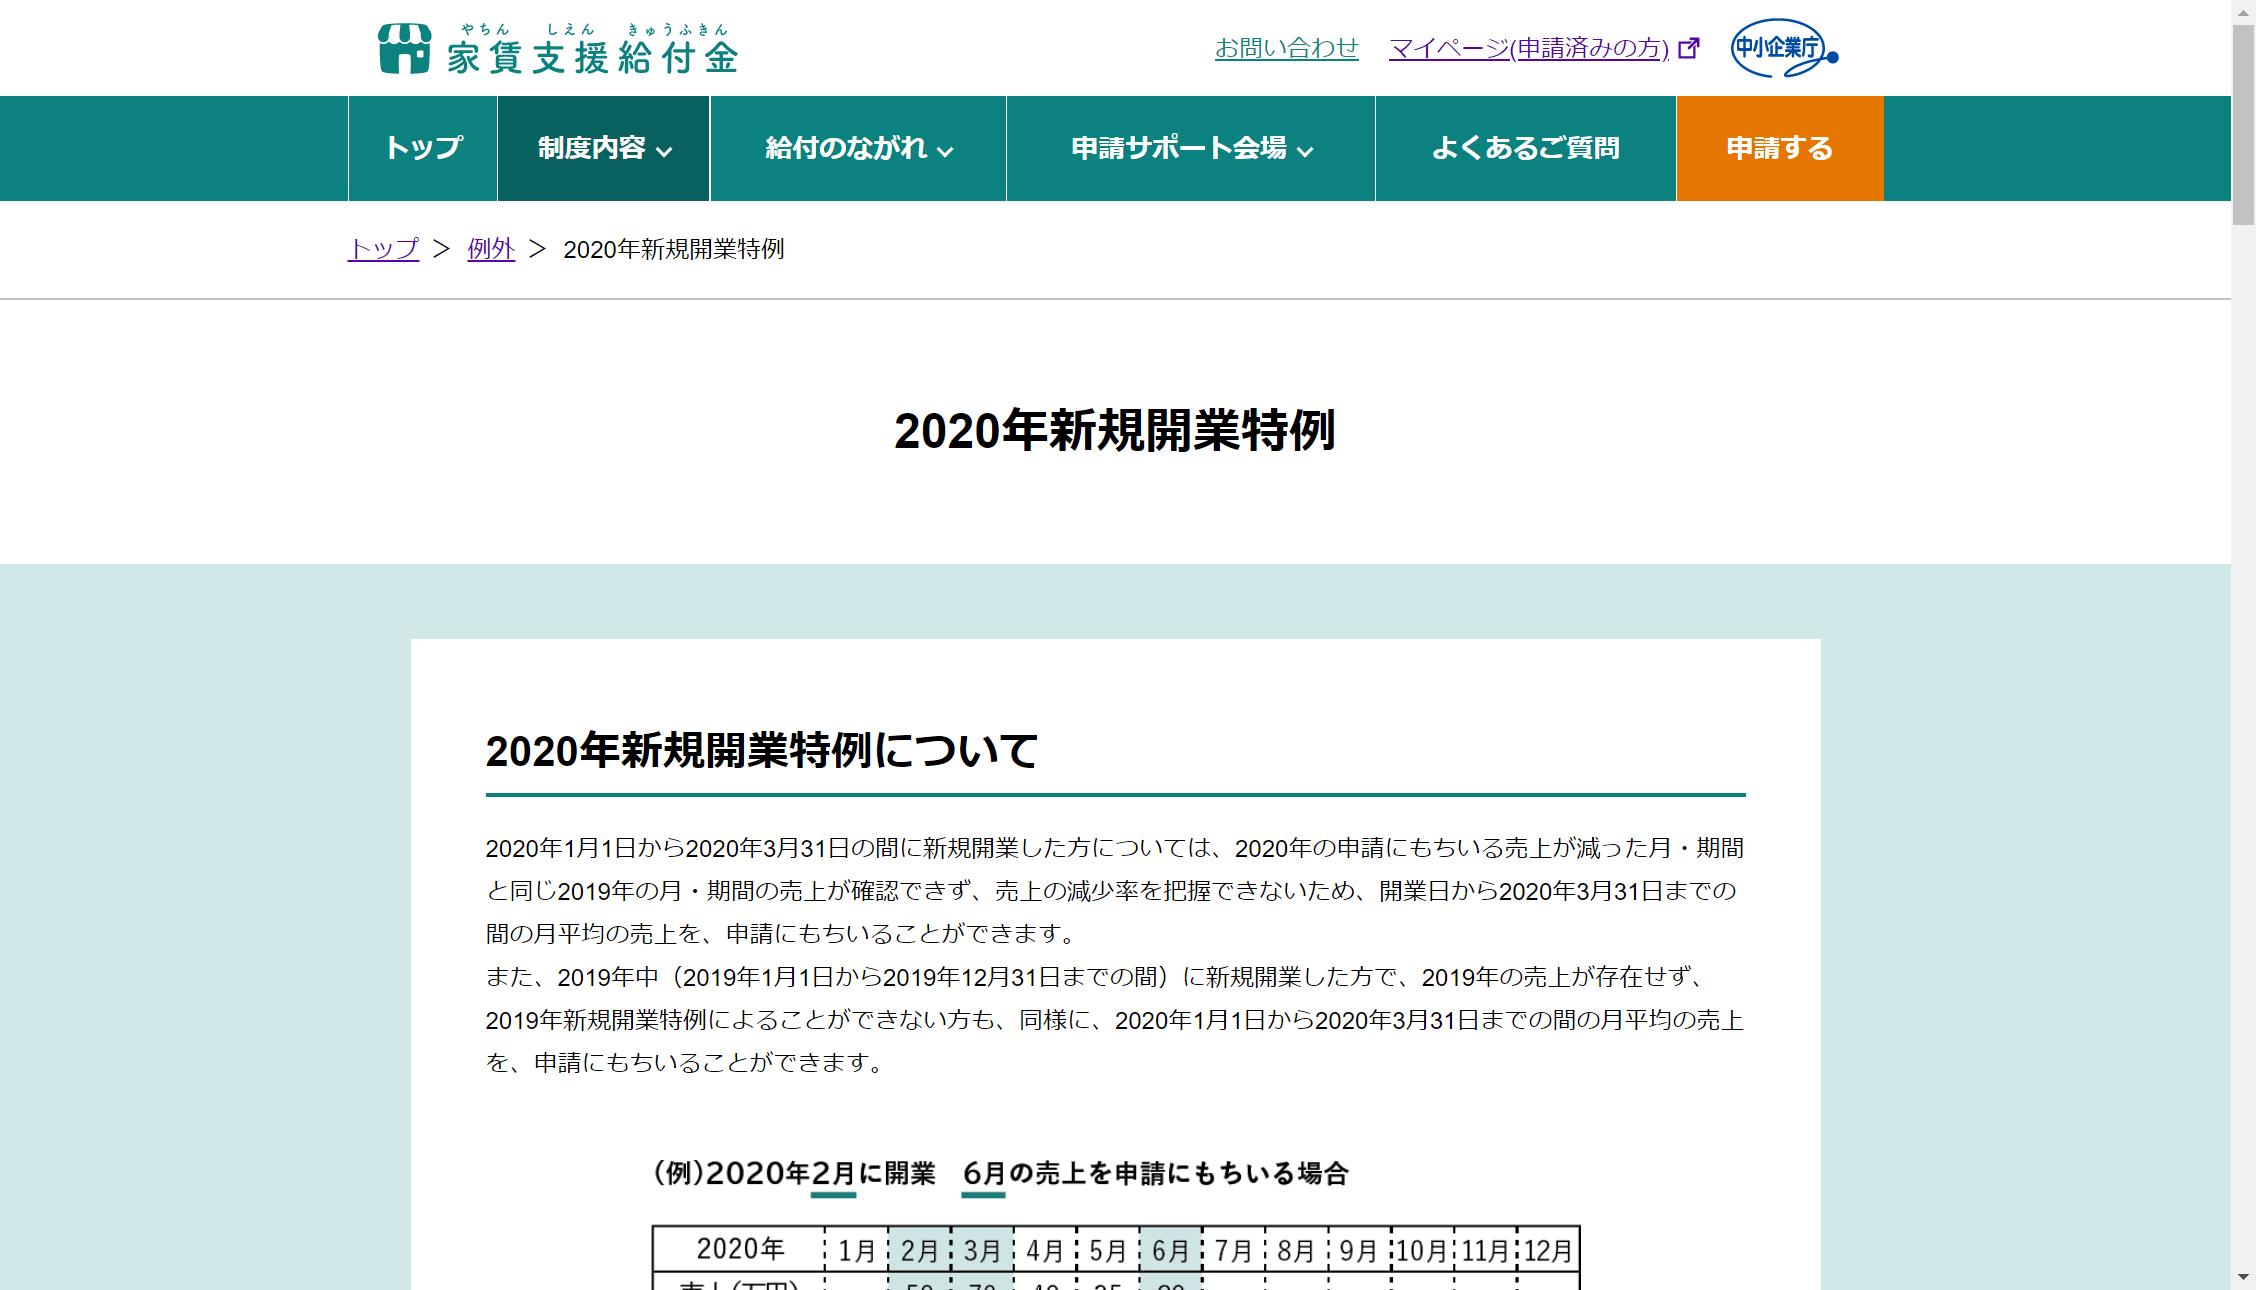 【家賃支援給付金】個人事業者の2020年新規開業特例の取り扱い